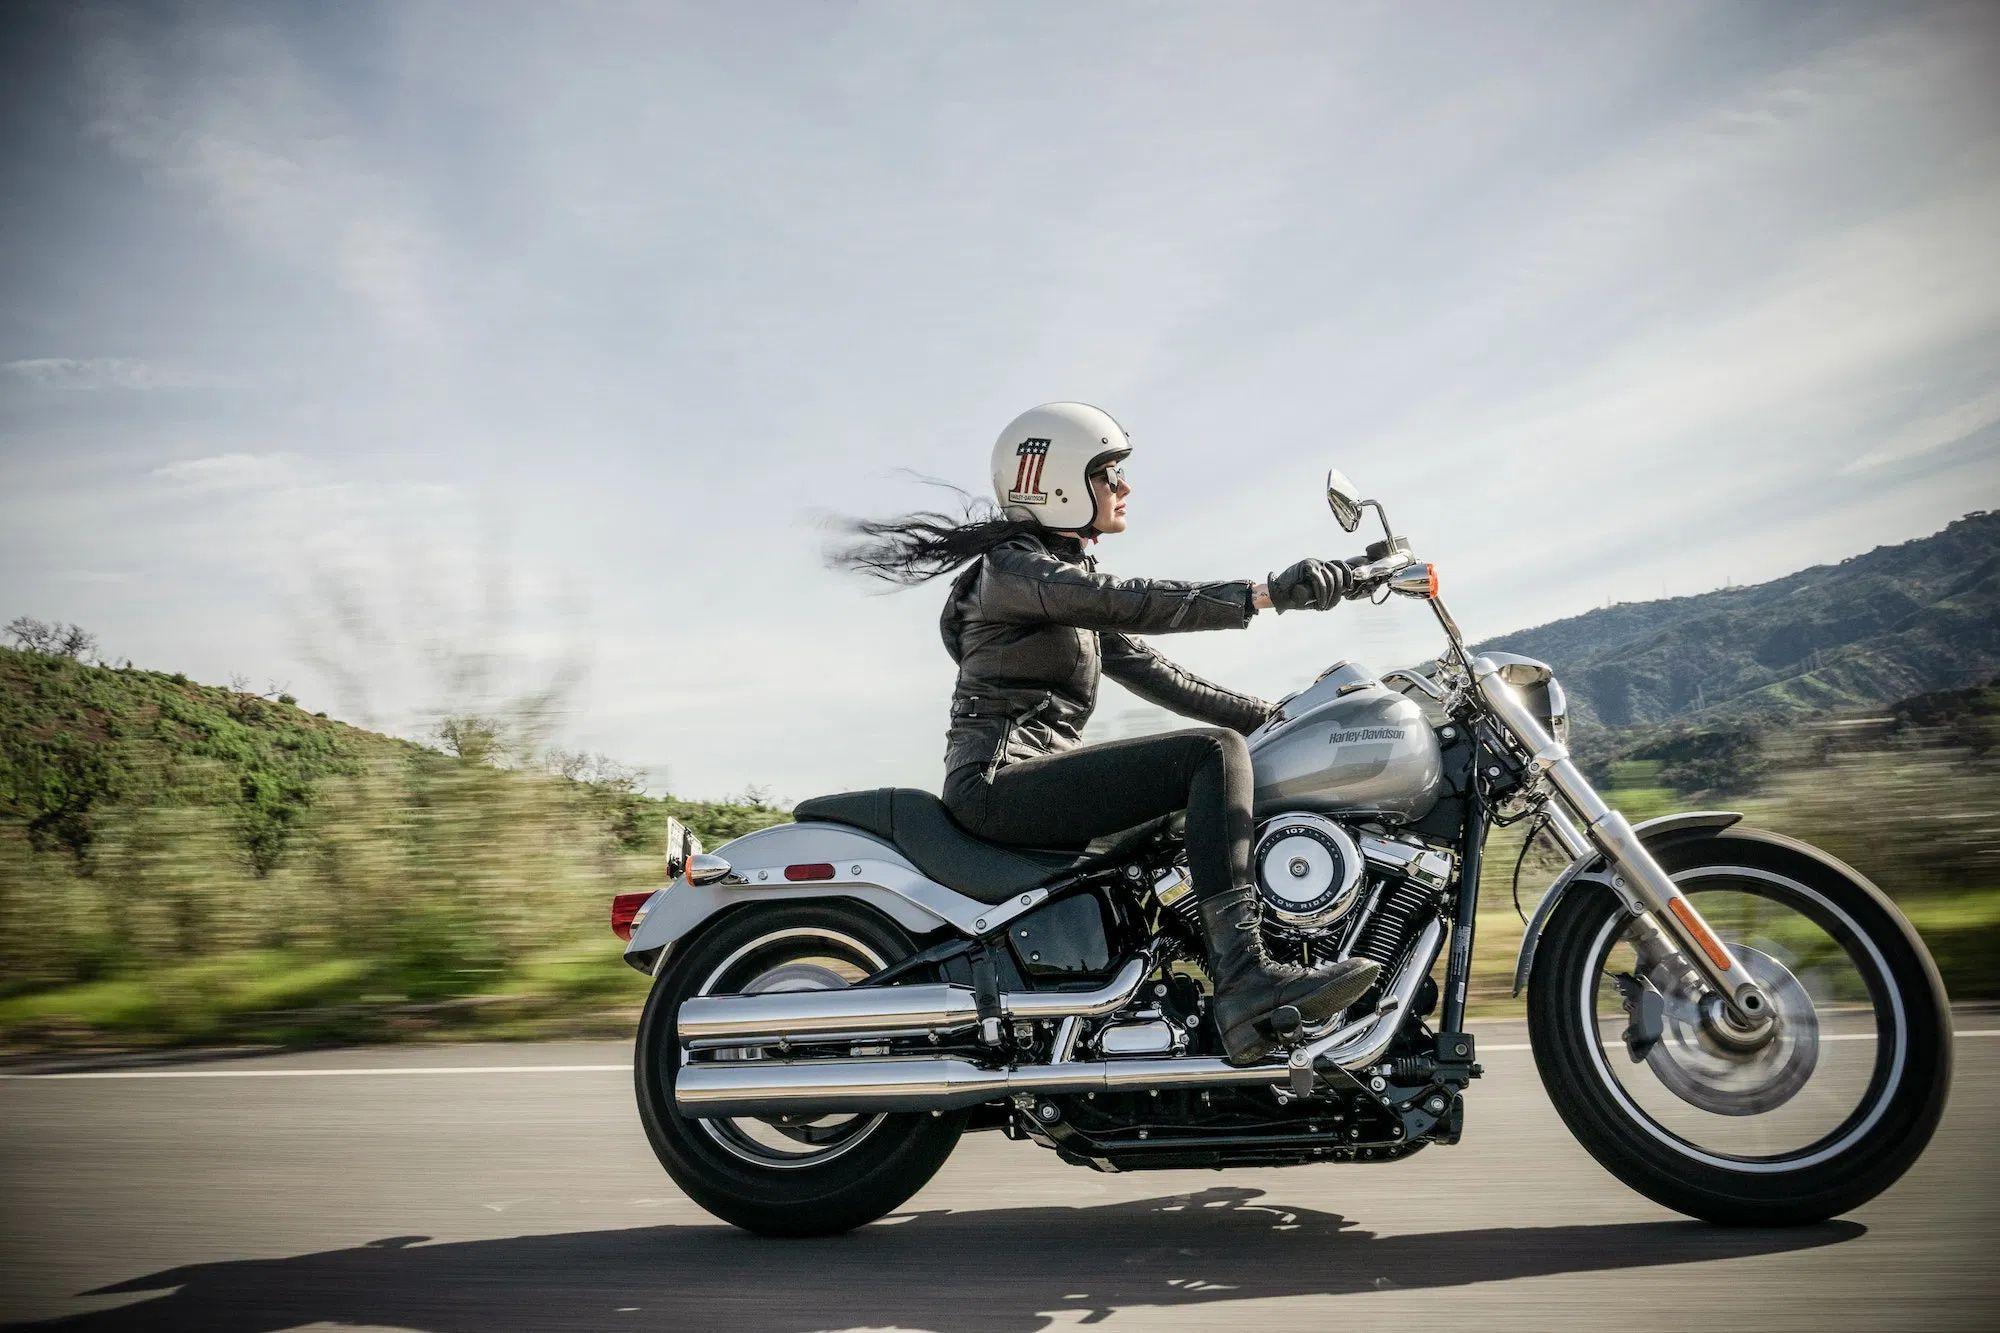 10 Best Cruiser Motorcycle Helmets Wind Burned Eyes In 2020 Best Cruiser Motorcycle Riding Motorcycle Cruiser Motorcycle